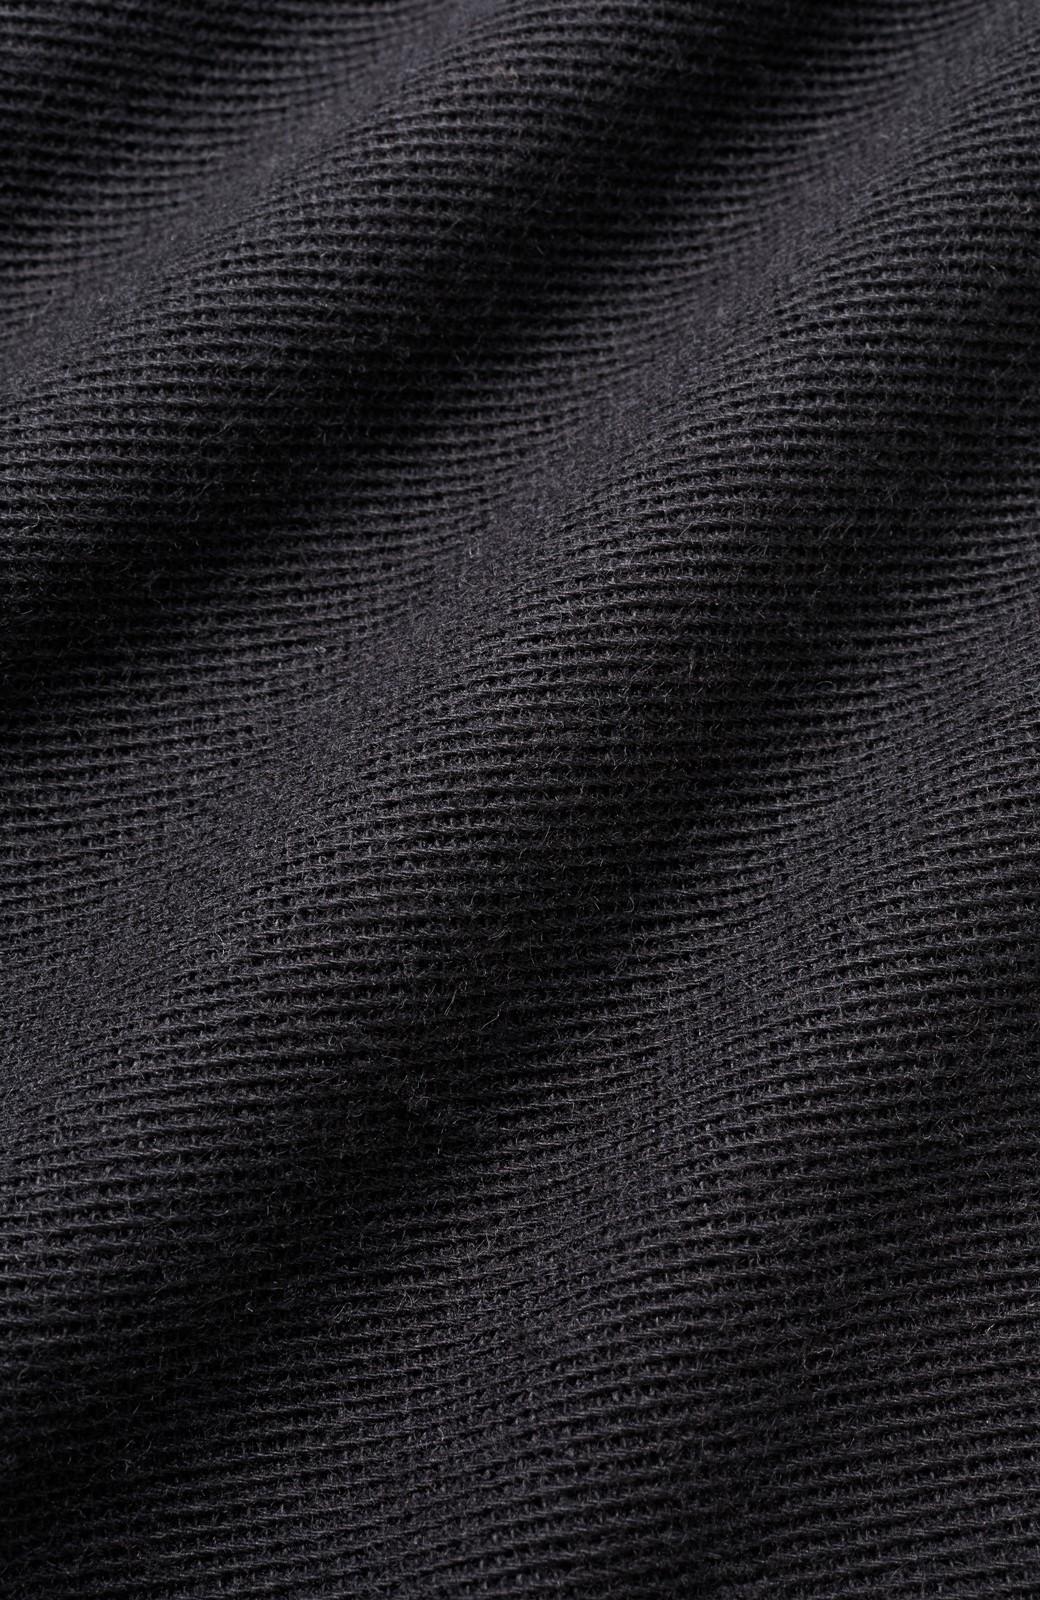 nusy きれいに見えて着心地らくちん Vネックワイドオールインワン <ブラック>の商品写真3